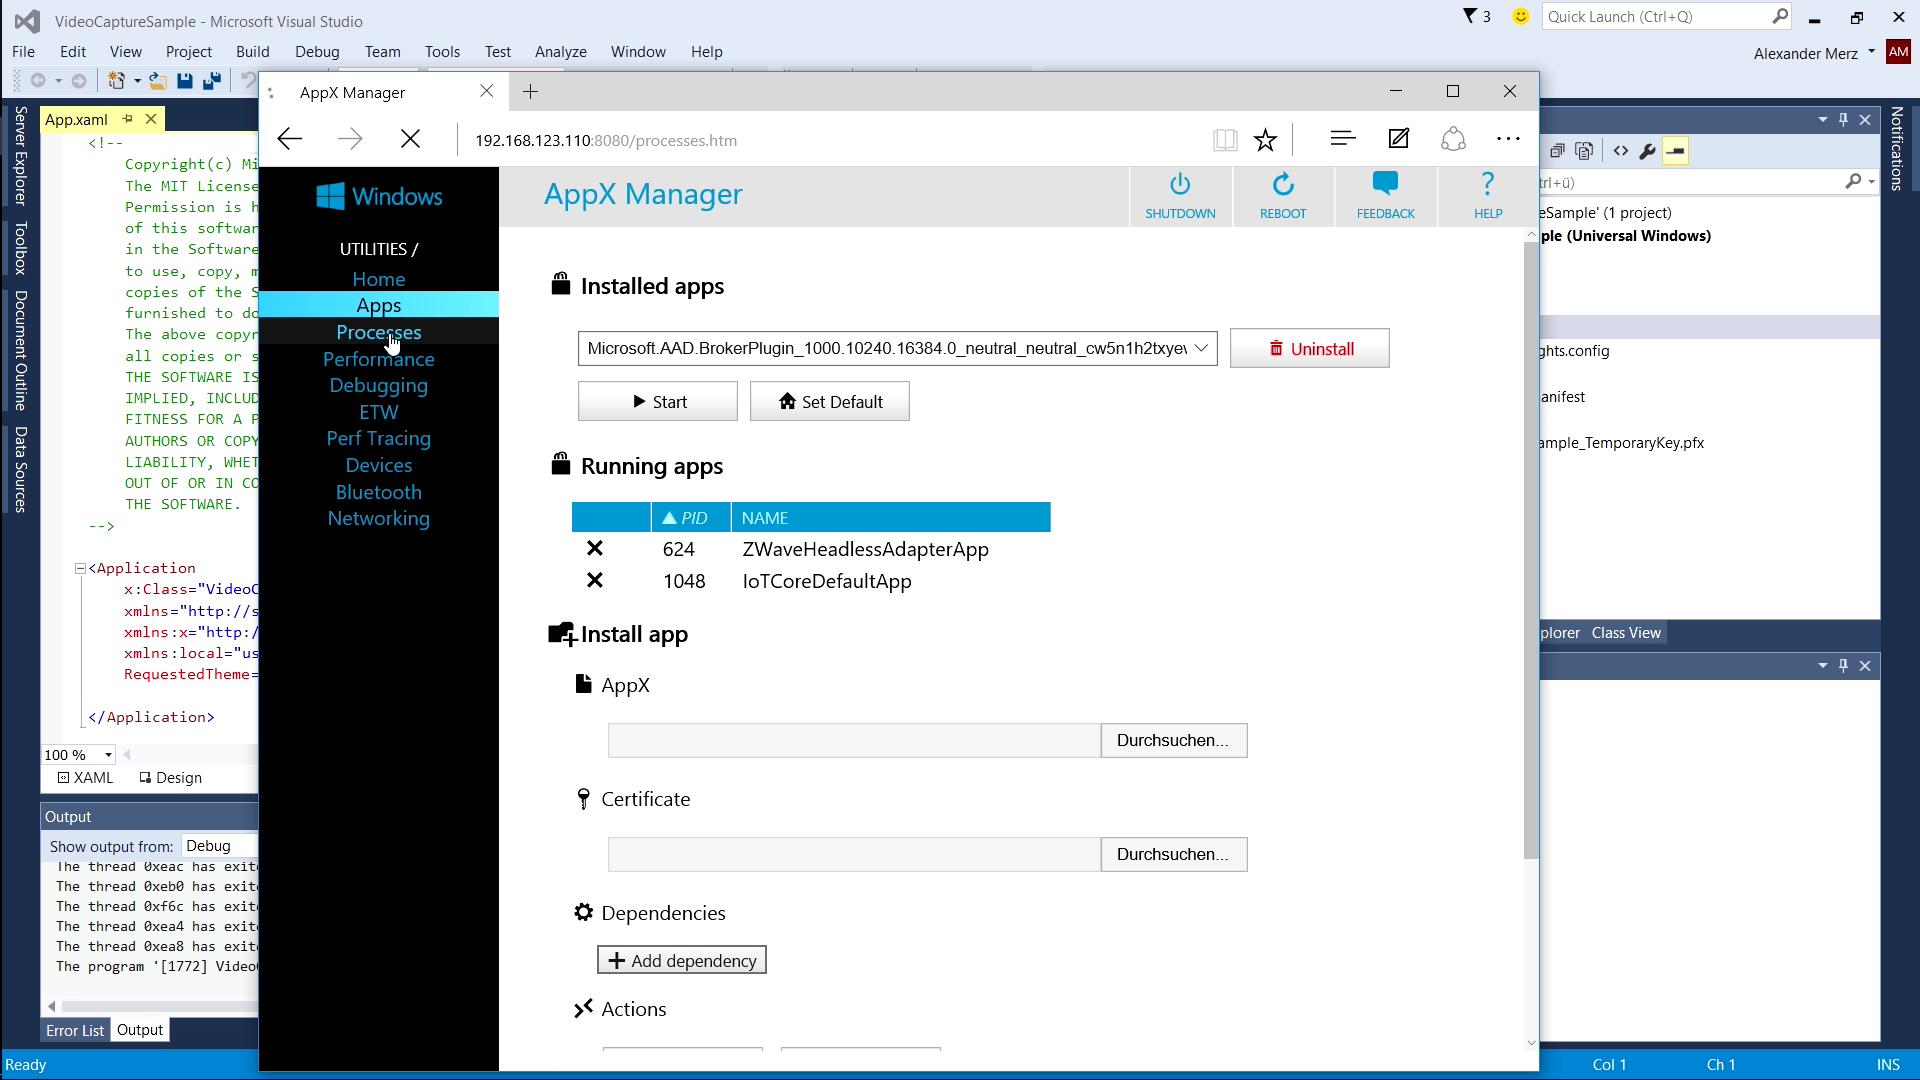 Windows 10 IoT ausprobiert: Finales Windows auf dem Raspberry Pi 2 - Das Web-Interface erlaubt recht gute Einblicke in das System, ... (Screenshot: Alexander Merz/Golem.de)